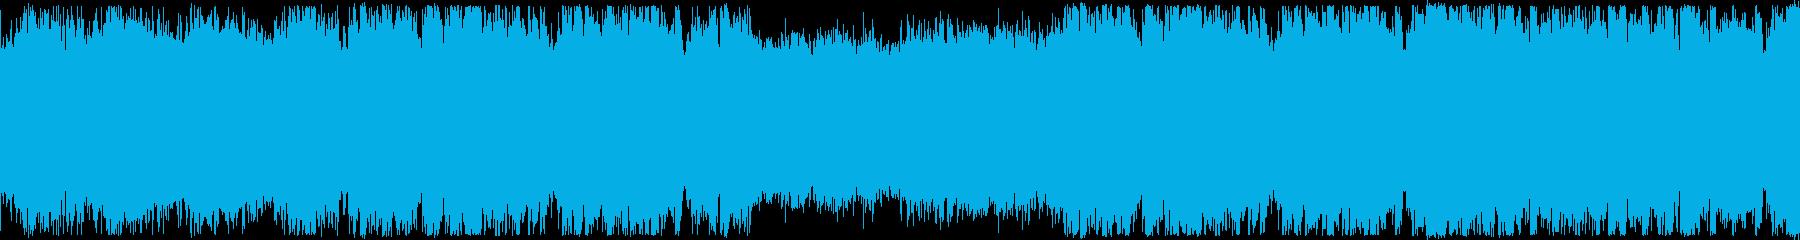 ループ・おしゃれなフューチャーベースの再生済みの波形